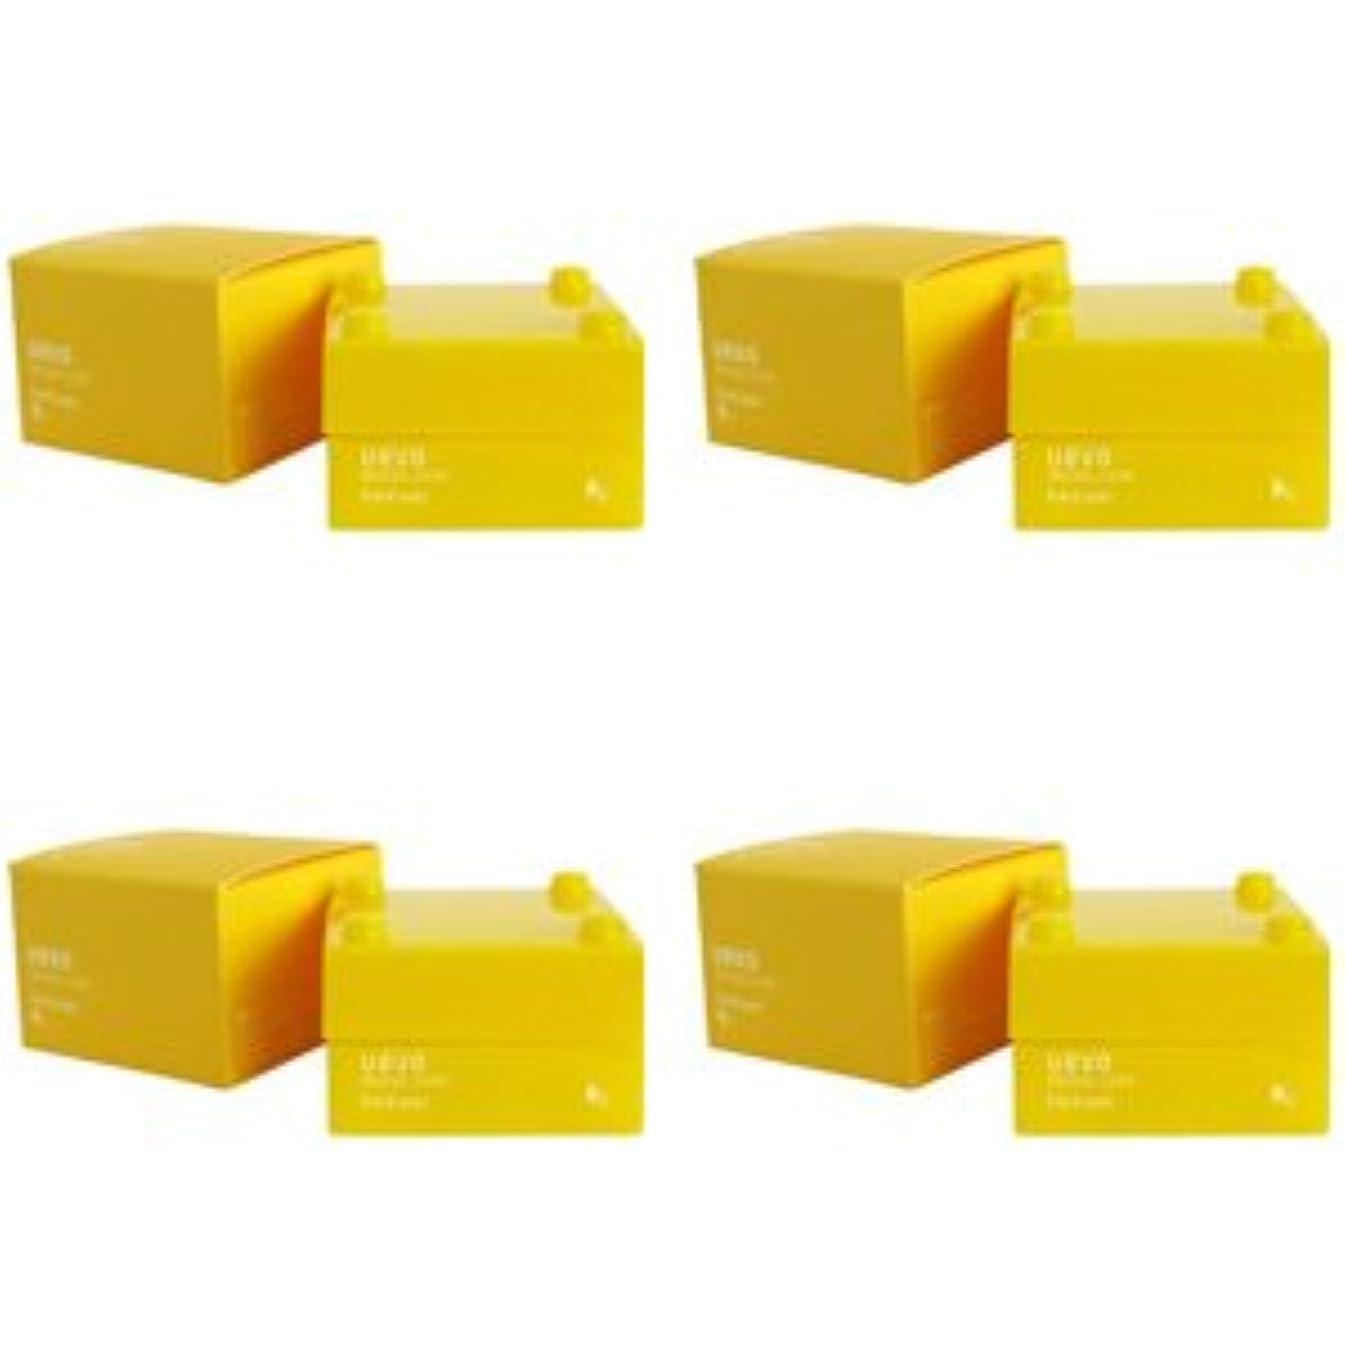 わざわざスケルトン平野【X4個セット】 デミ ウェーボ デザインキューブ ハードワックス 30g hard wax DEMI uevo design cube